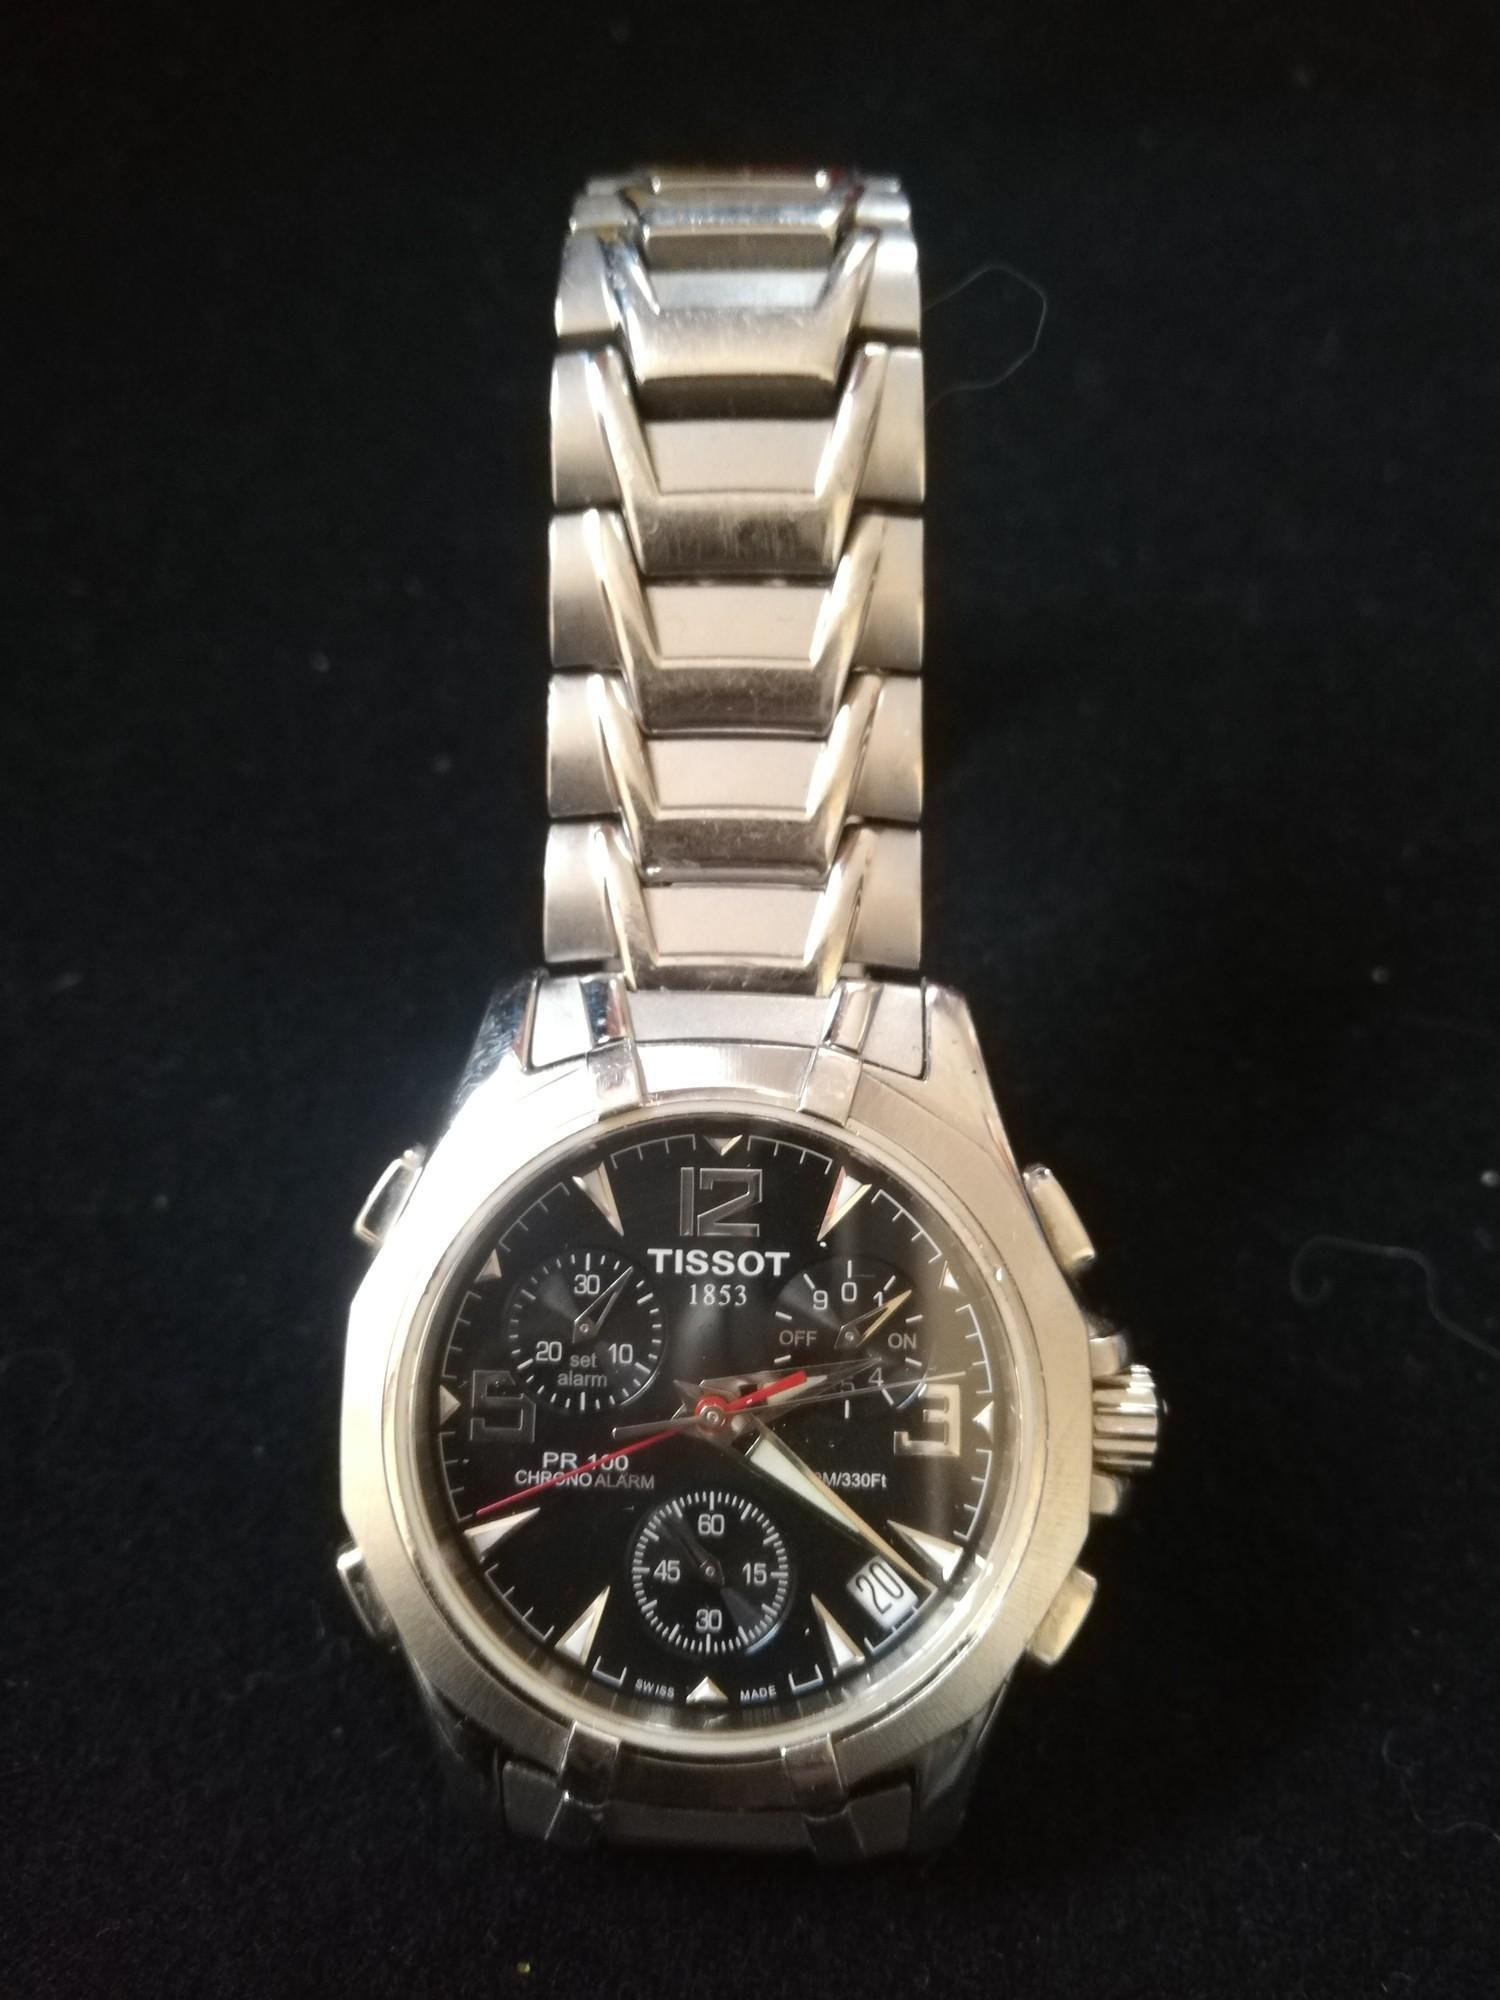 Tissot gents stainless steel PR100 chrono alarm wristwatch -in running order